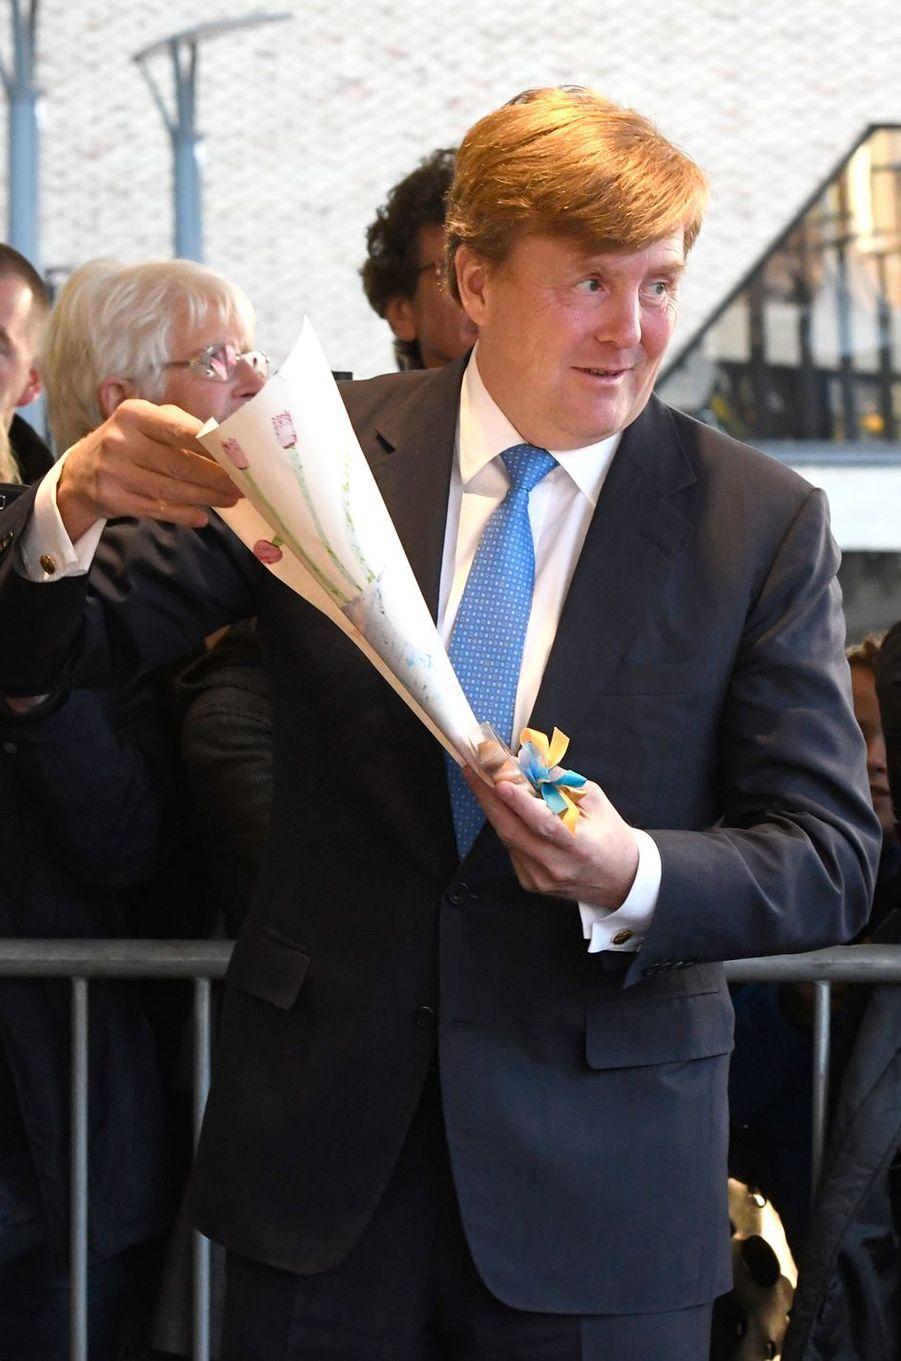 Le roi Willem-Alexander des Pays-Bas à Tilburg, le 3 avril 2017